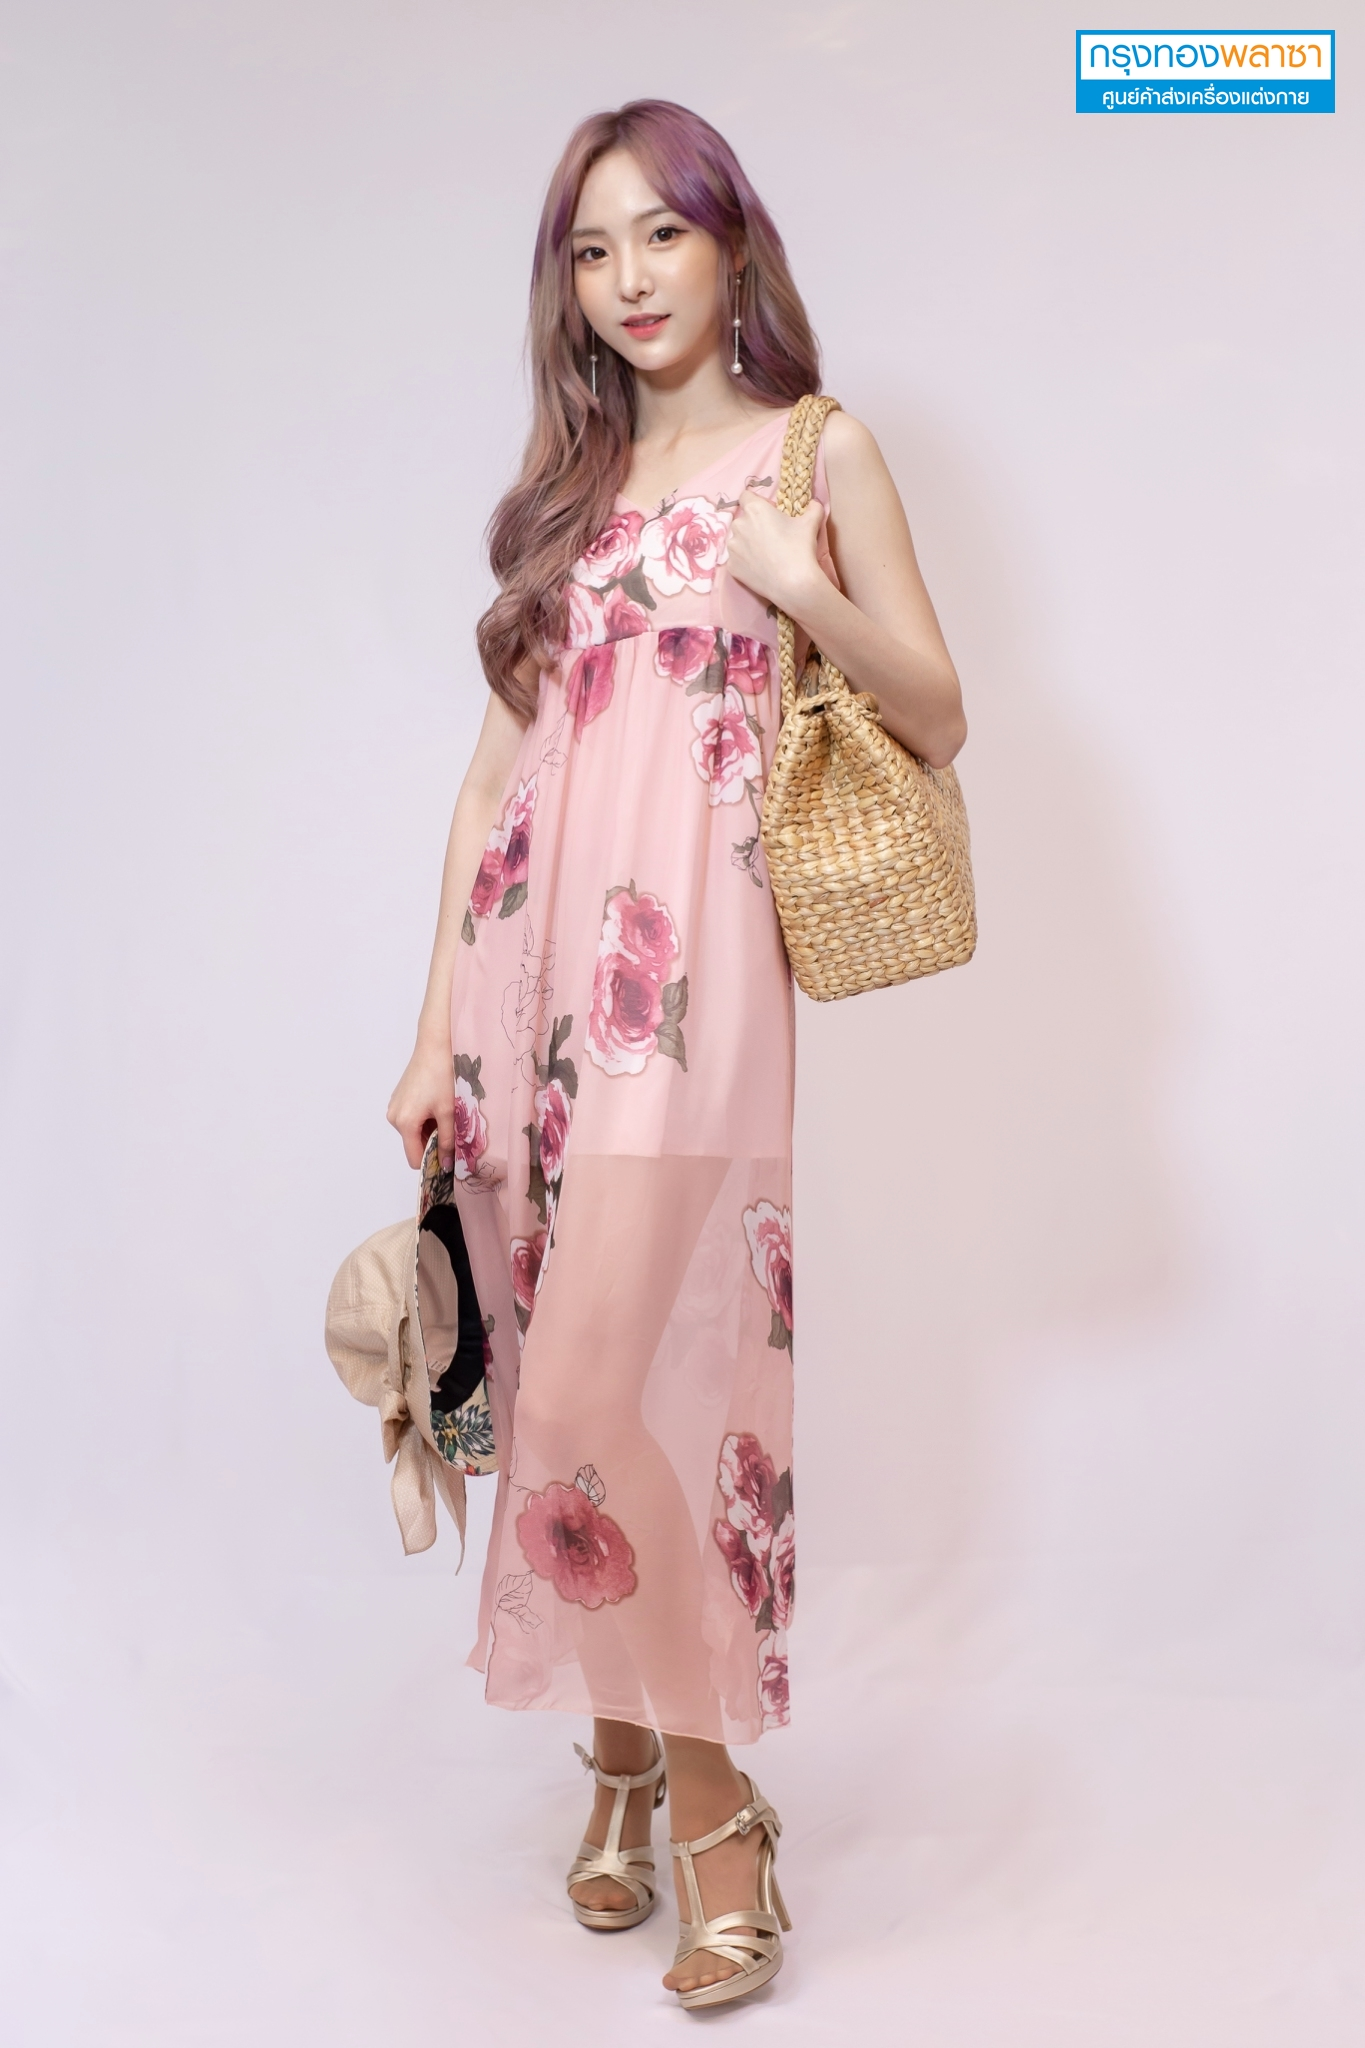 nene dress_๑๙๐๓๑๓_0018